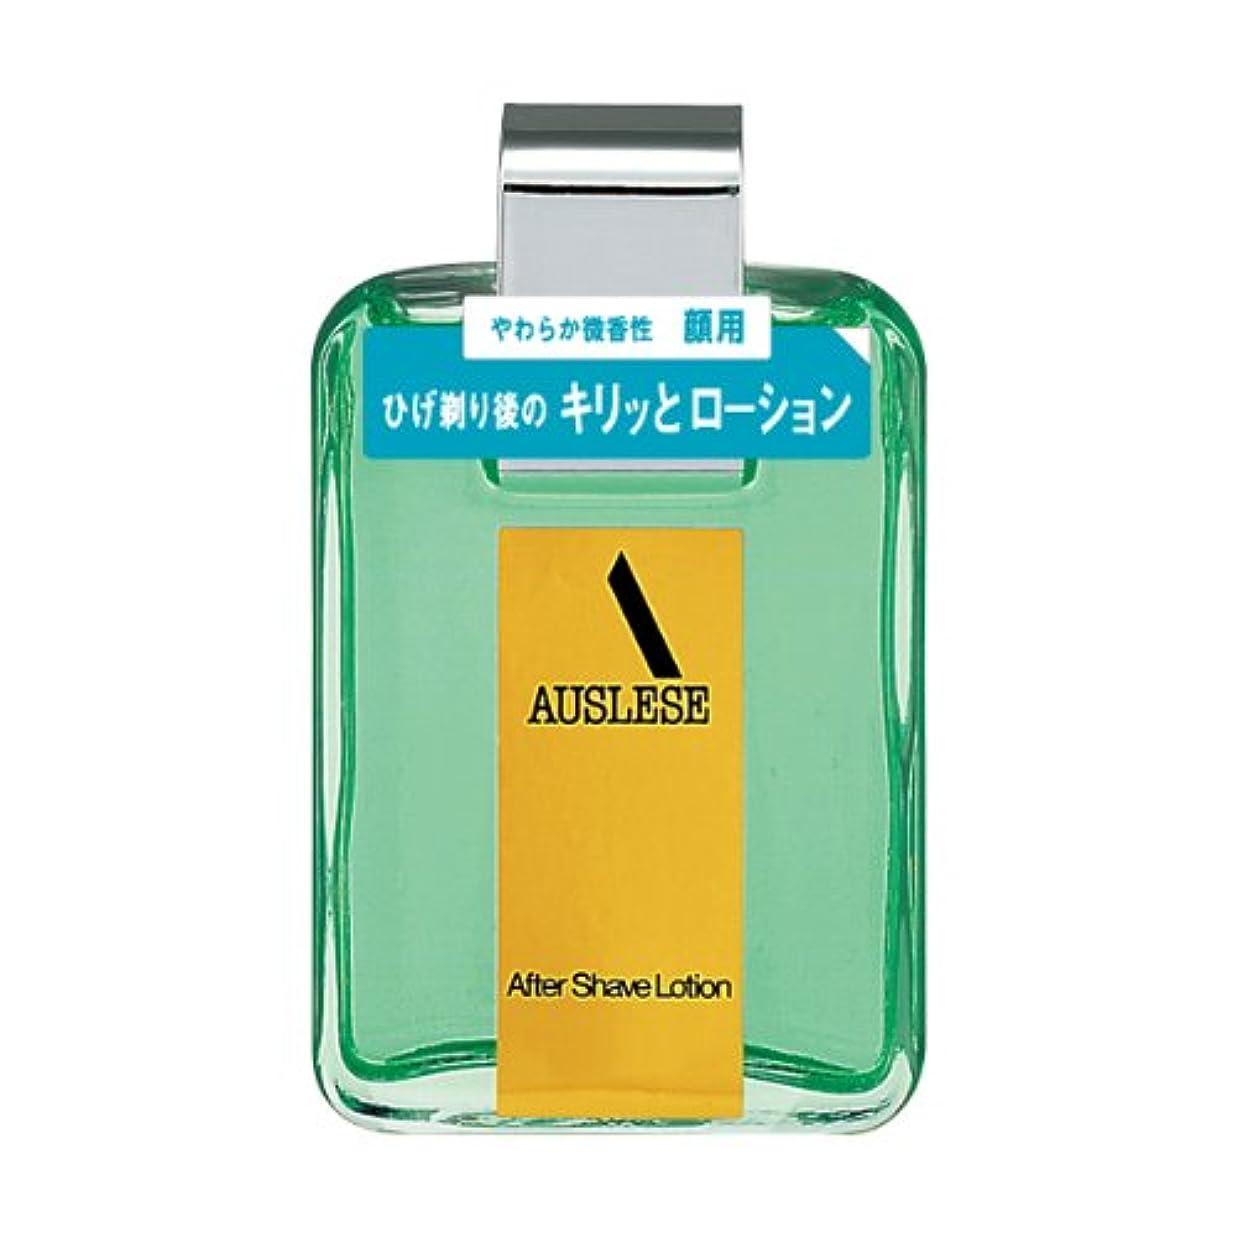 アウスレーゼ アフターシェーブローションNA 100mL 【医薬部外品】